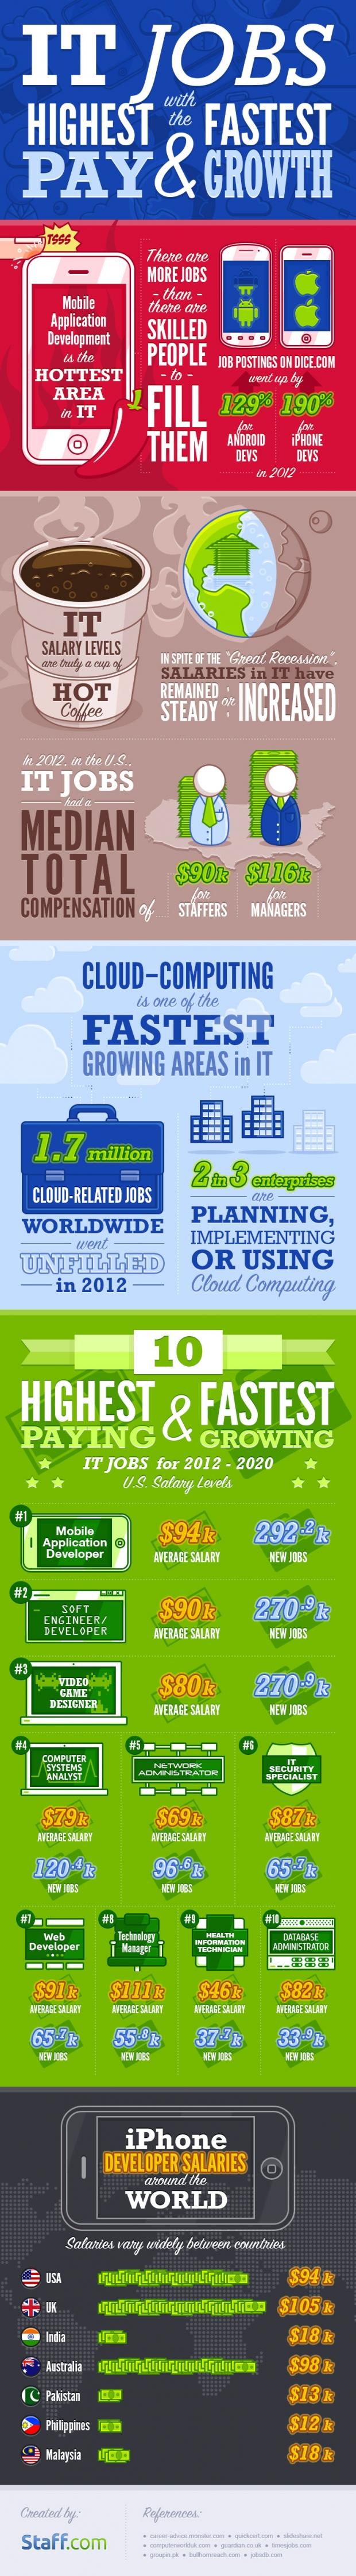 Statistics of Growth in IT Job Market